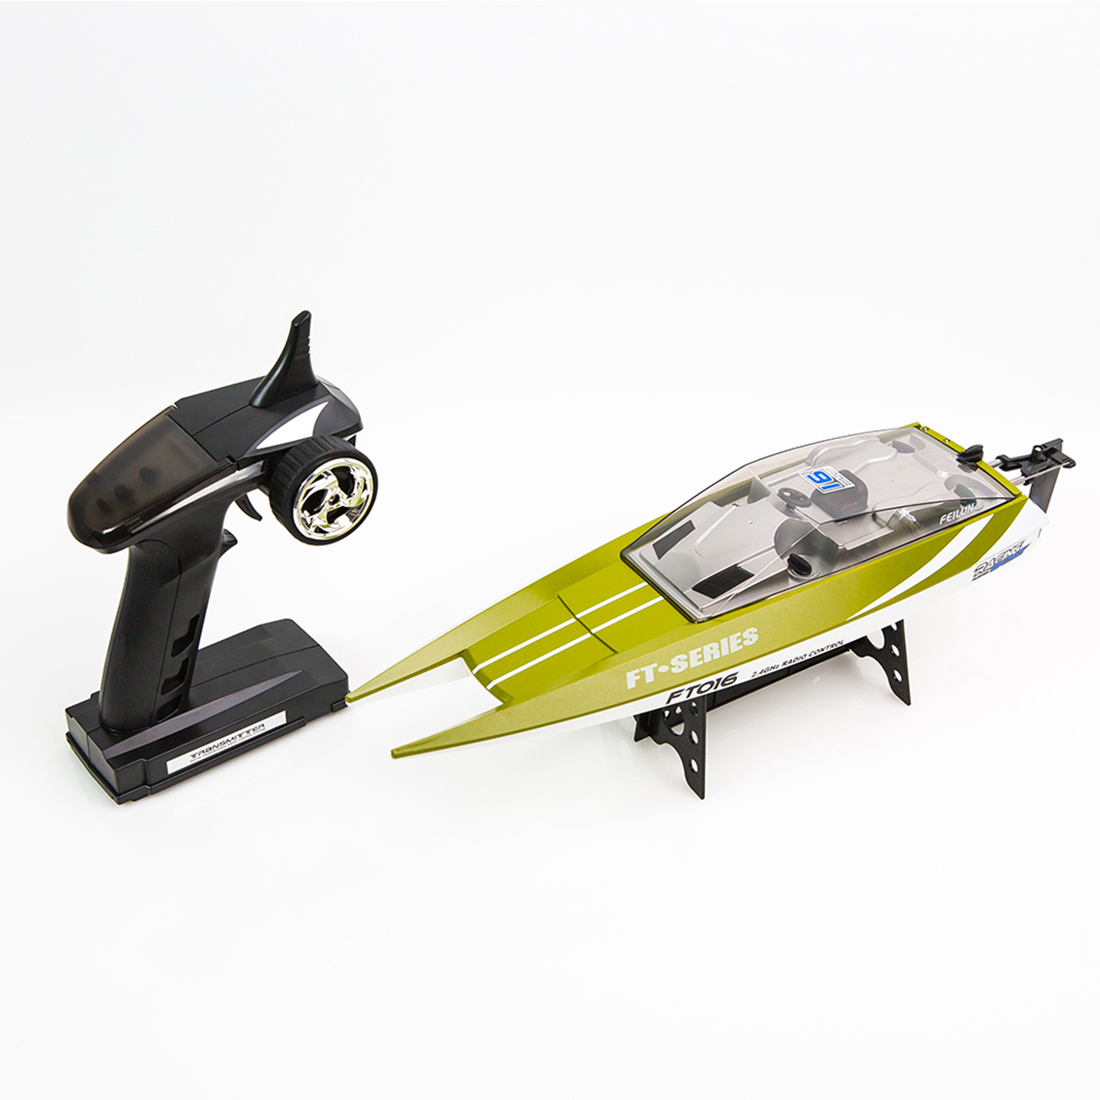 Nouvelle arrivée Feilun FT016 2.4G télécommande hors-bord RC bateau jouet pour enfants cadeau de noël